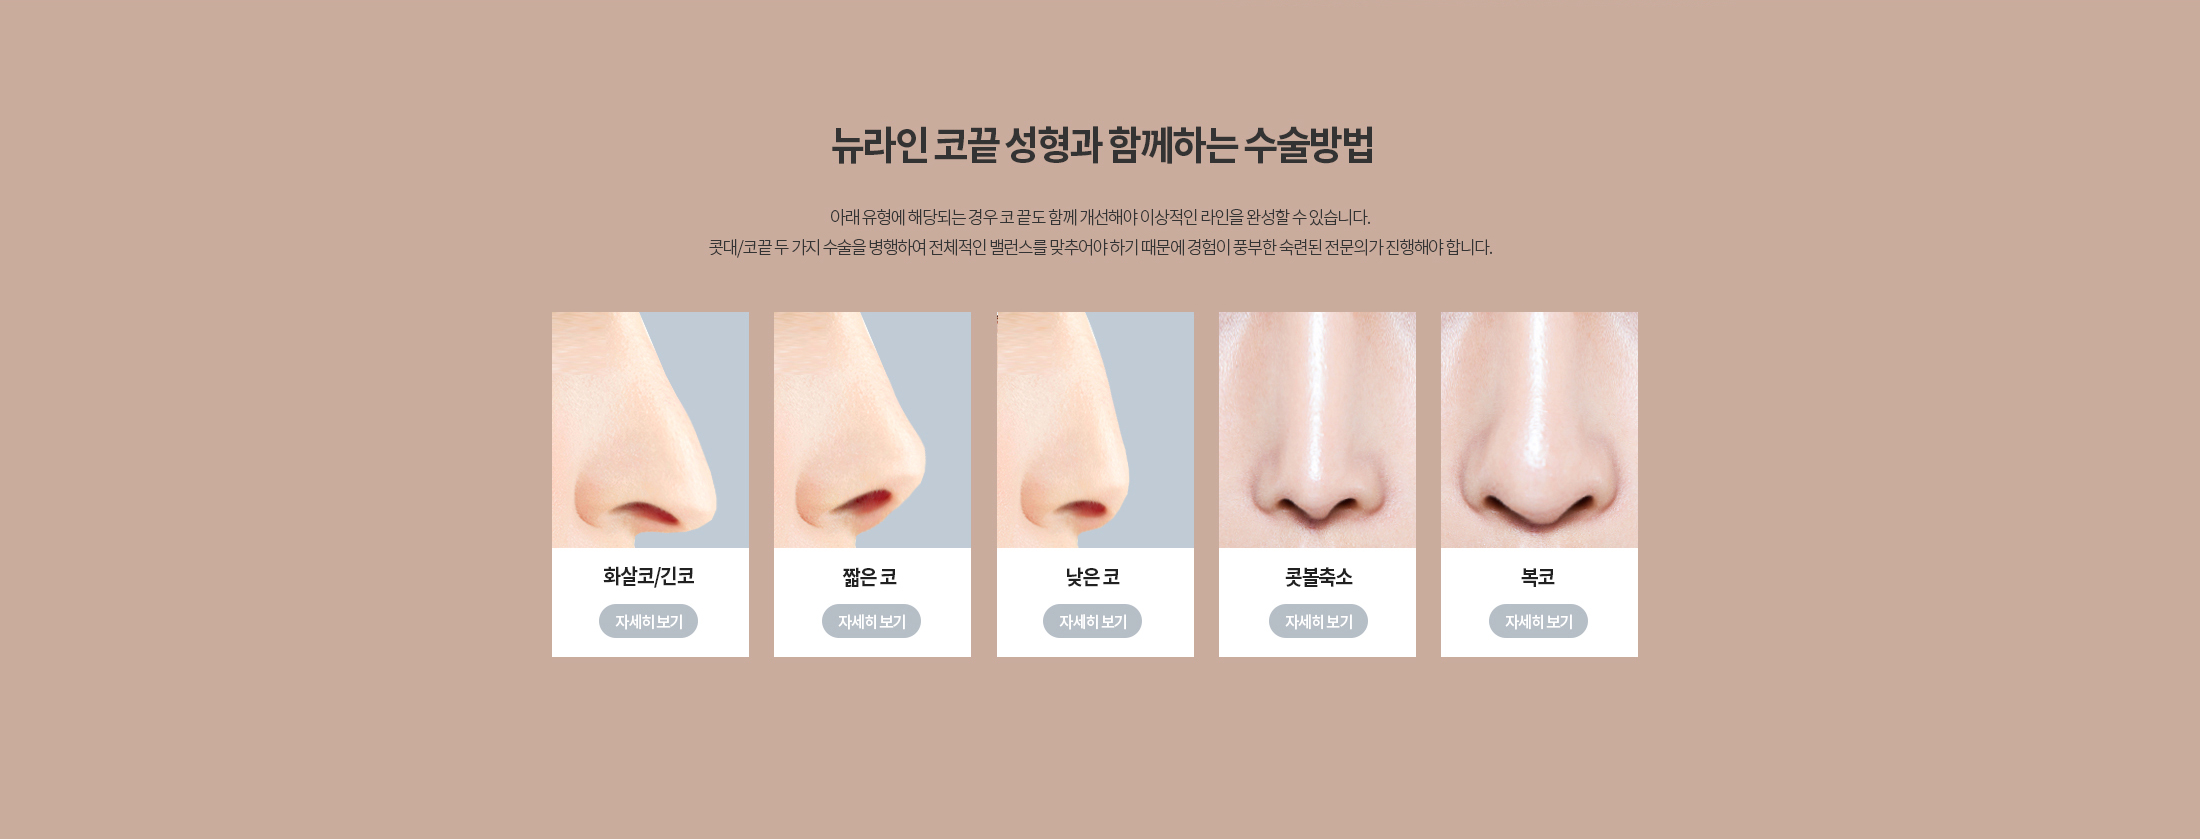 코끝 성형